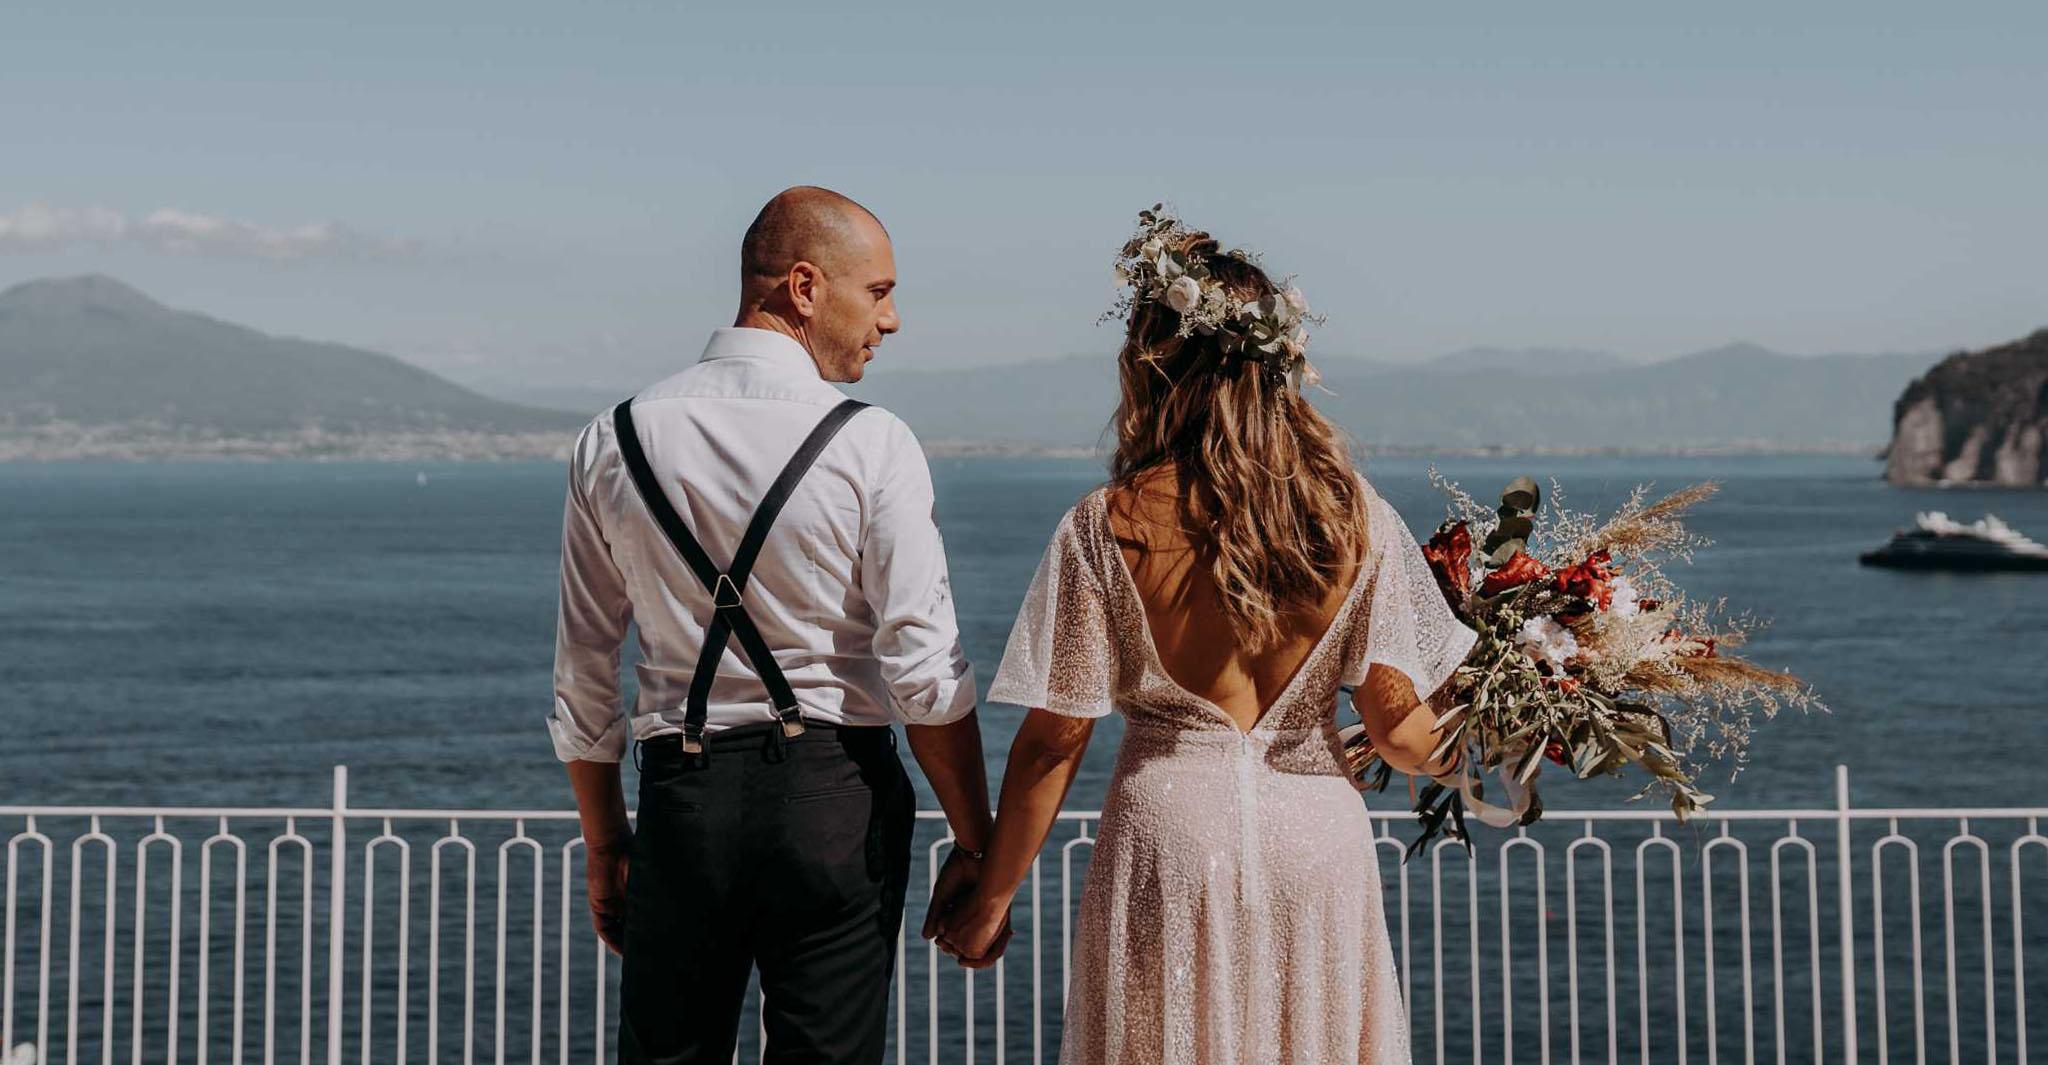 Sposi bellissimi nelle foto di nozze: qualche piccolo trucco per apparire al meglio